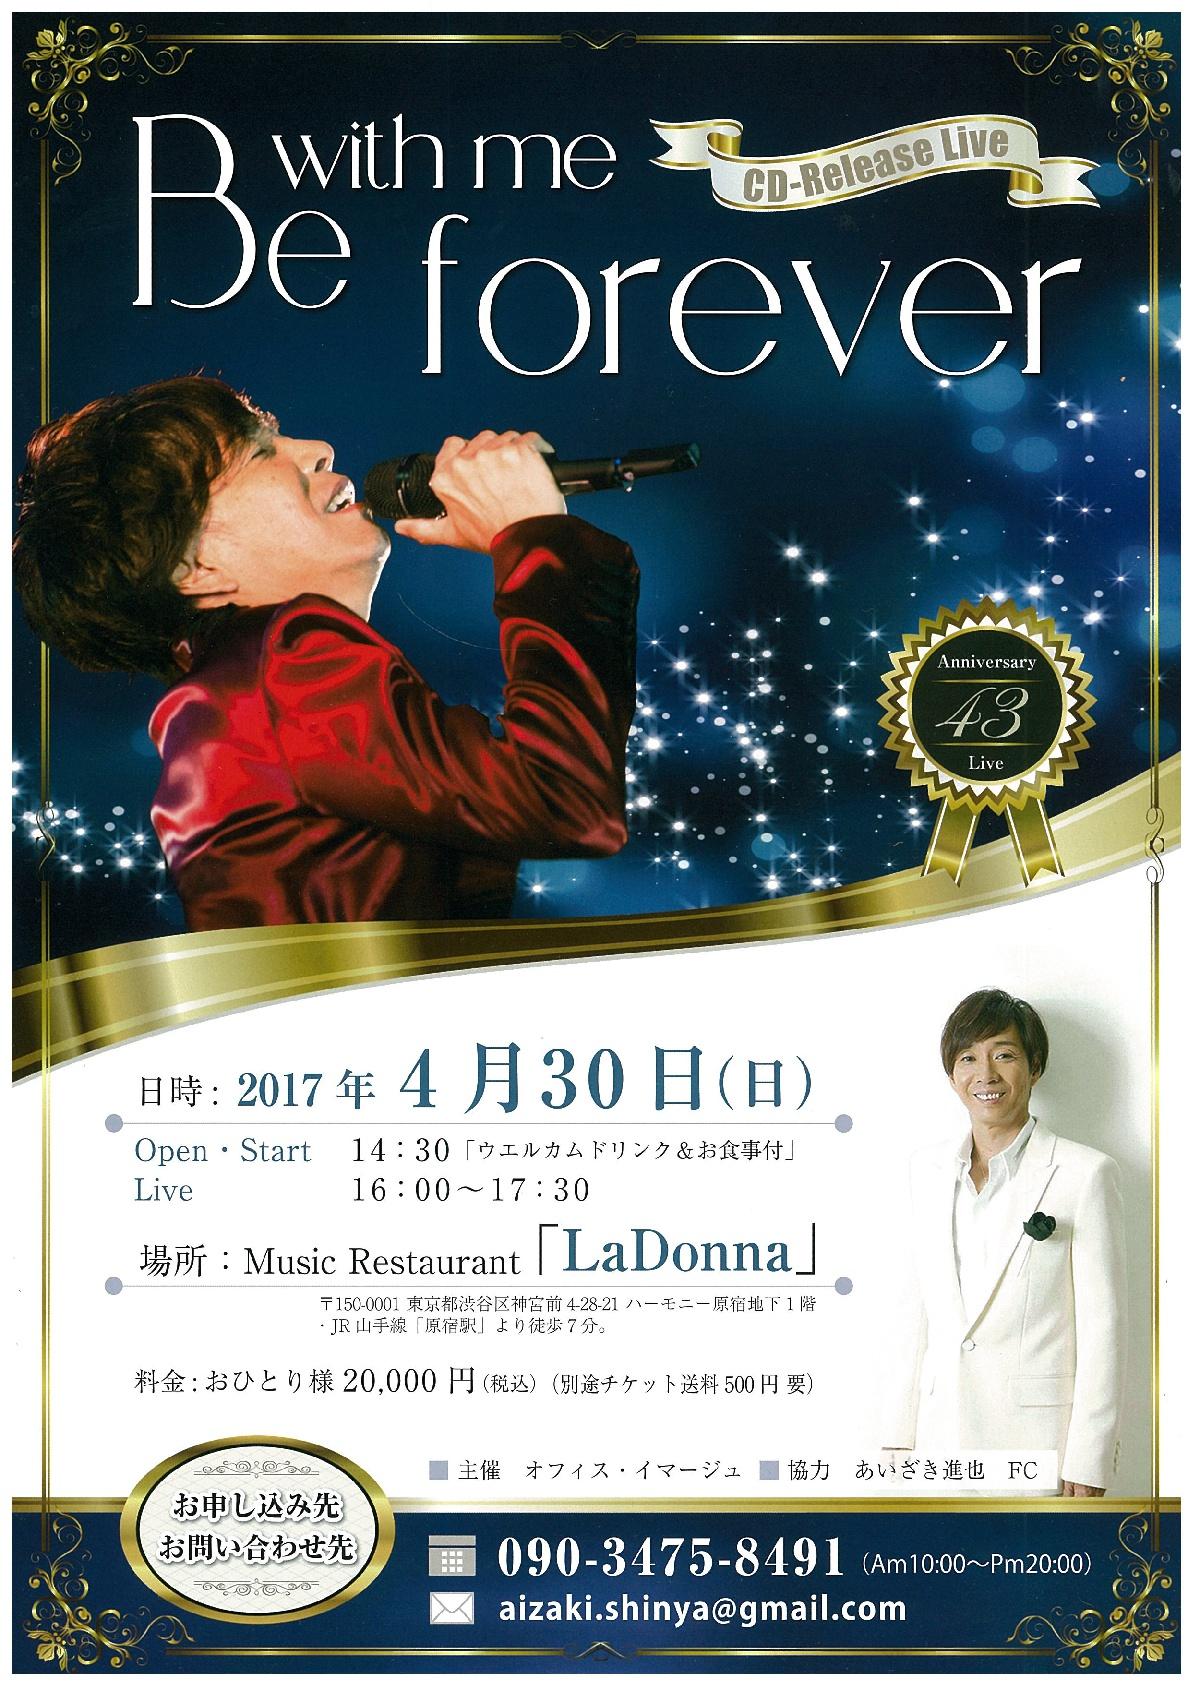 あいざき進也 カジュアルディナーショー ~Be with me Forever~ CD-Release Live